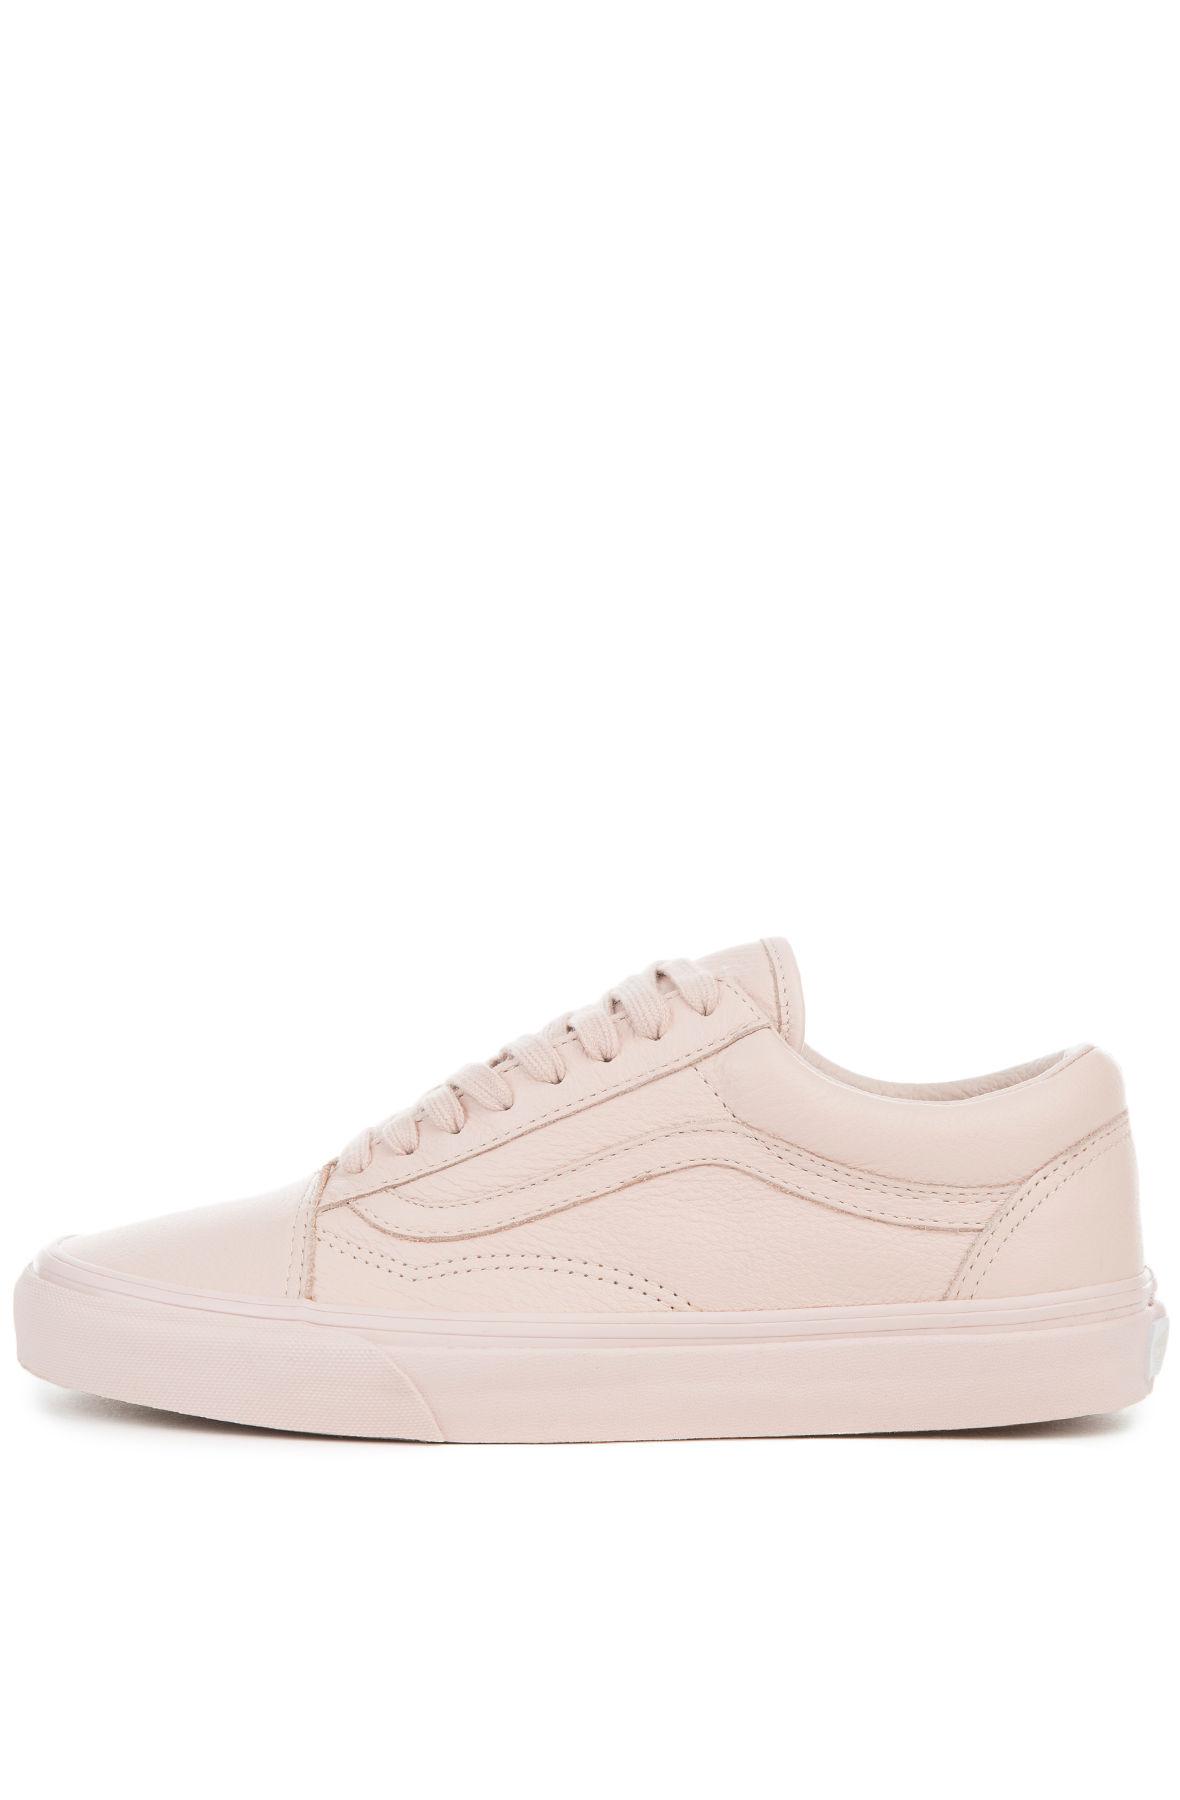 3717fb7cd6f721 VANS Sneaker Old Skool Leather Mono Sepia Rose Pink